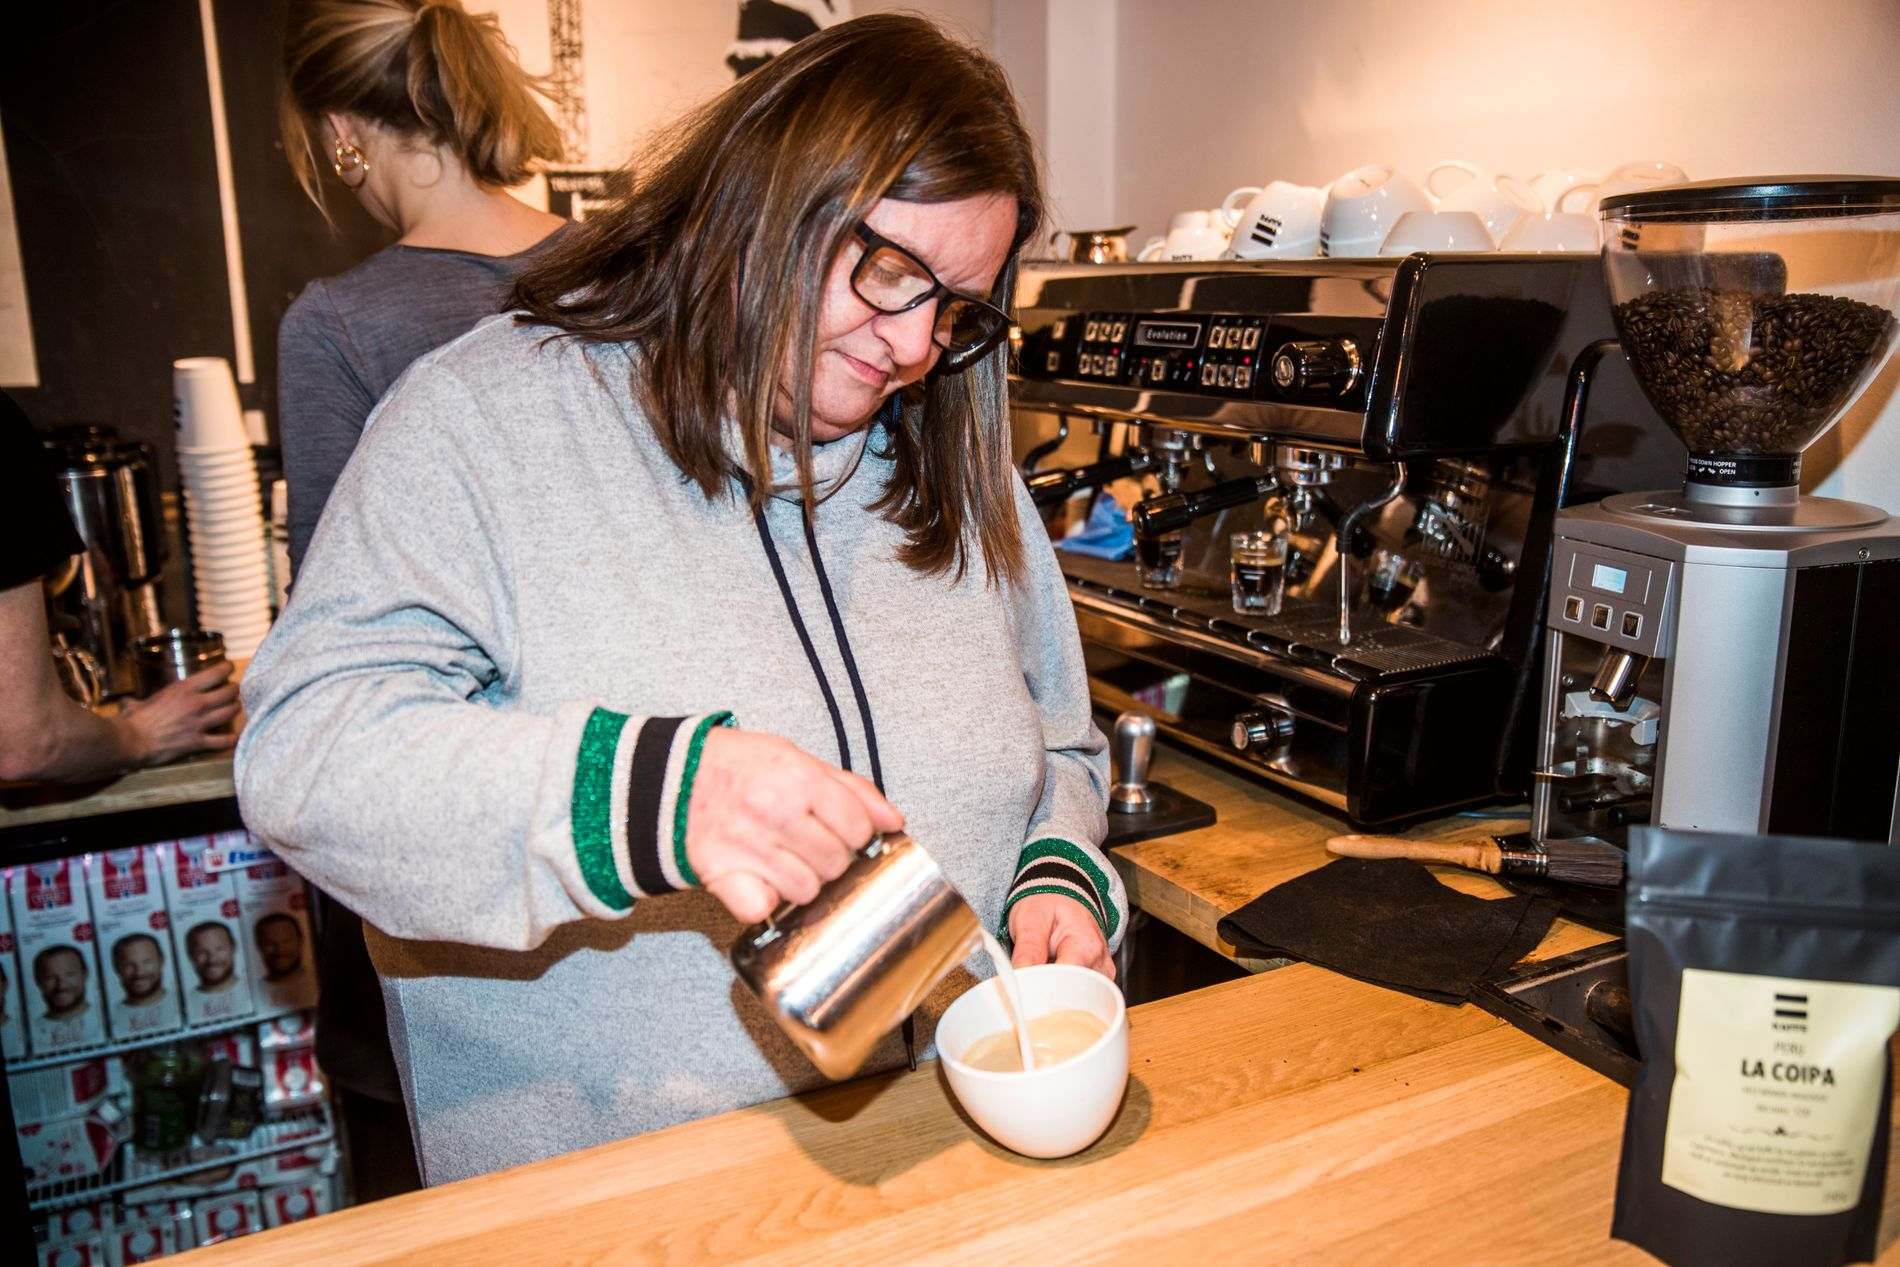 KAFFENERD: Anniken viser hvordan man lager en bladformasjon i melkeskummen. Hun har lært seg masse om kaffe det siste årene, og betegner seg selv som en «kaffenerd».